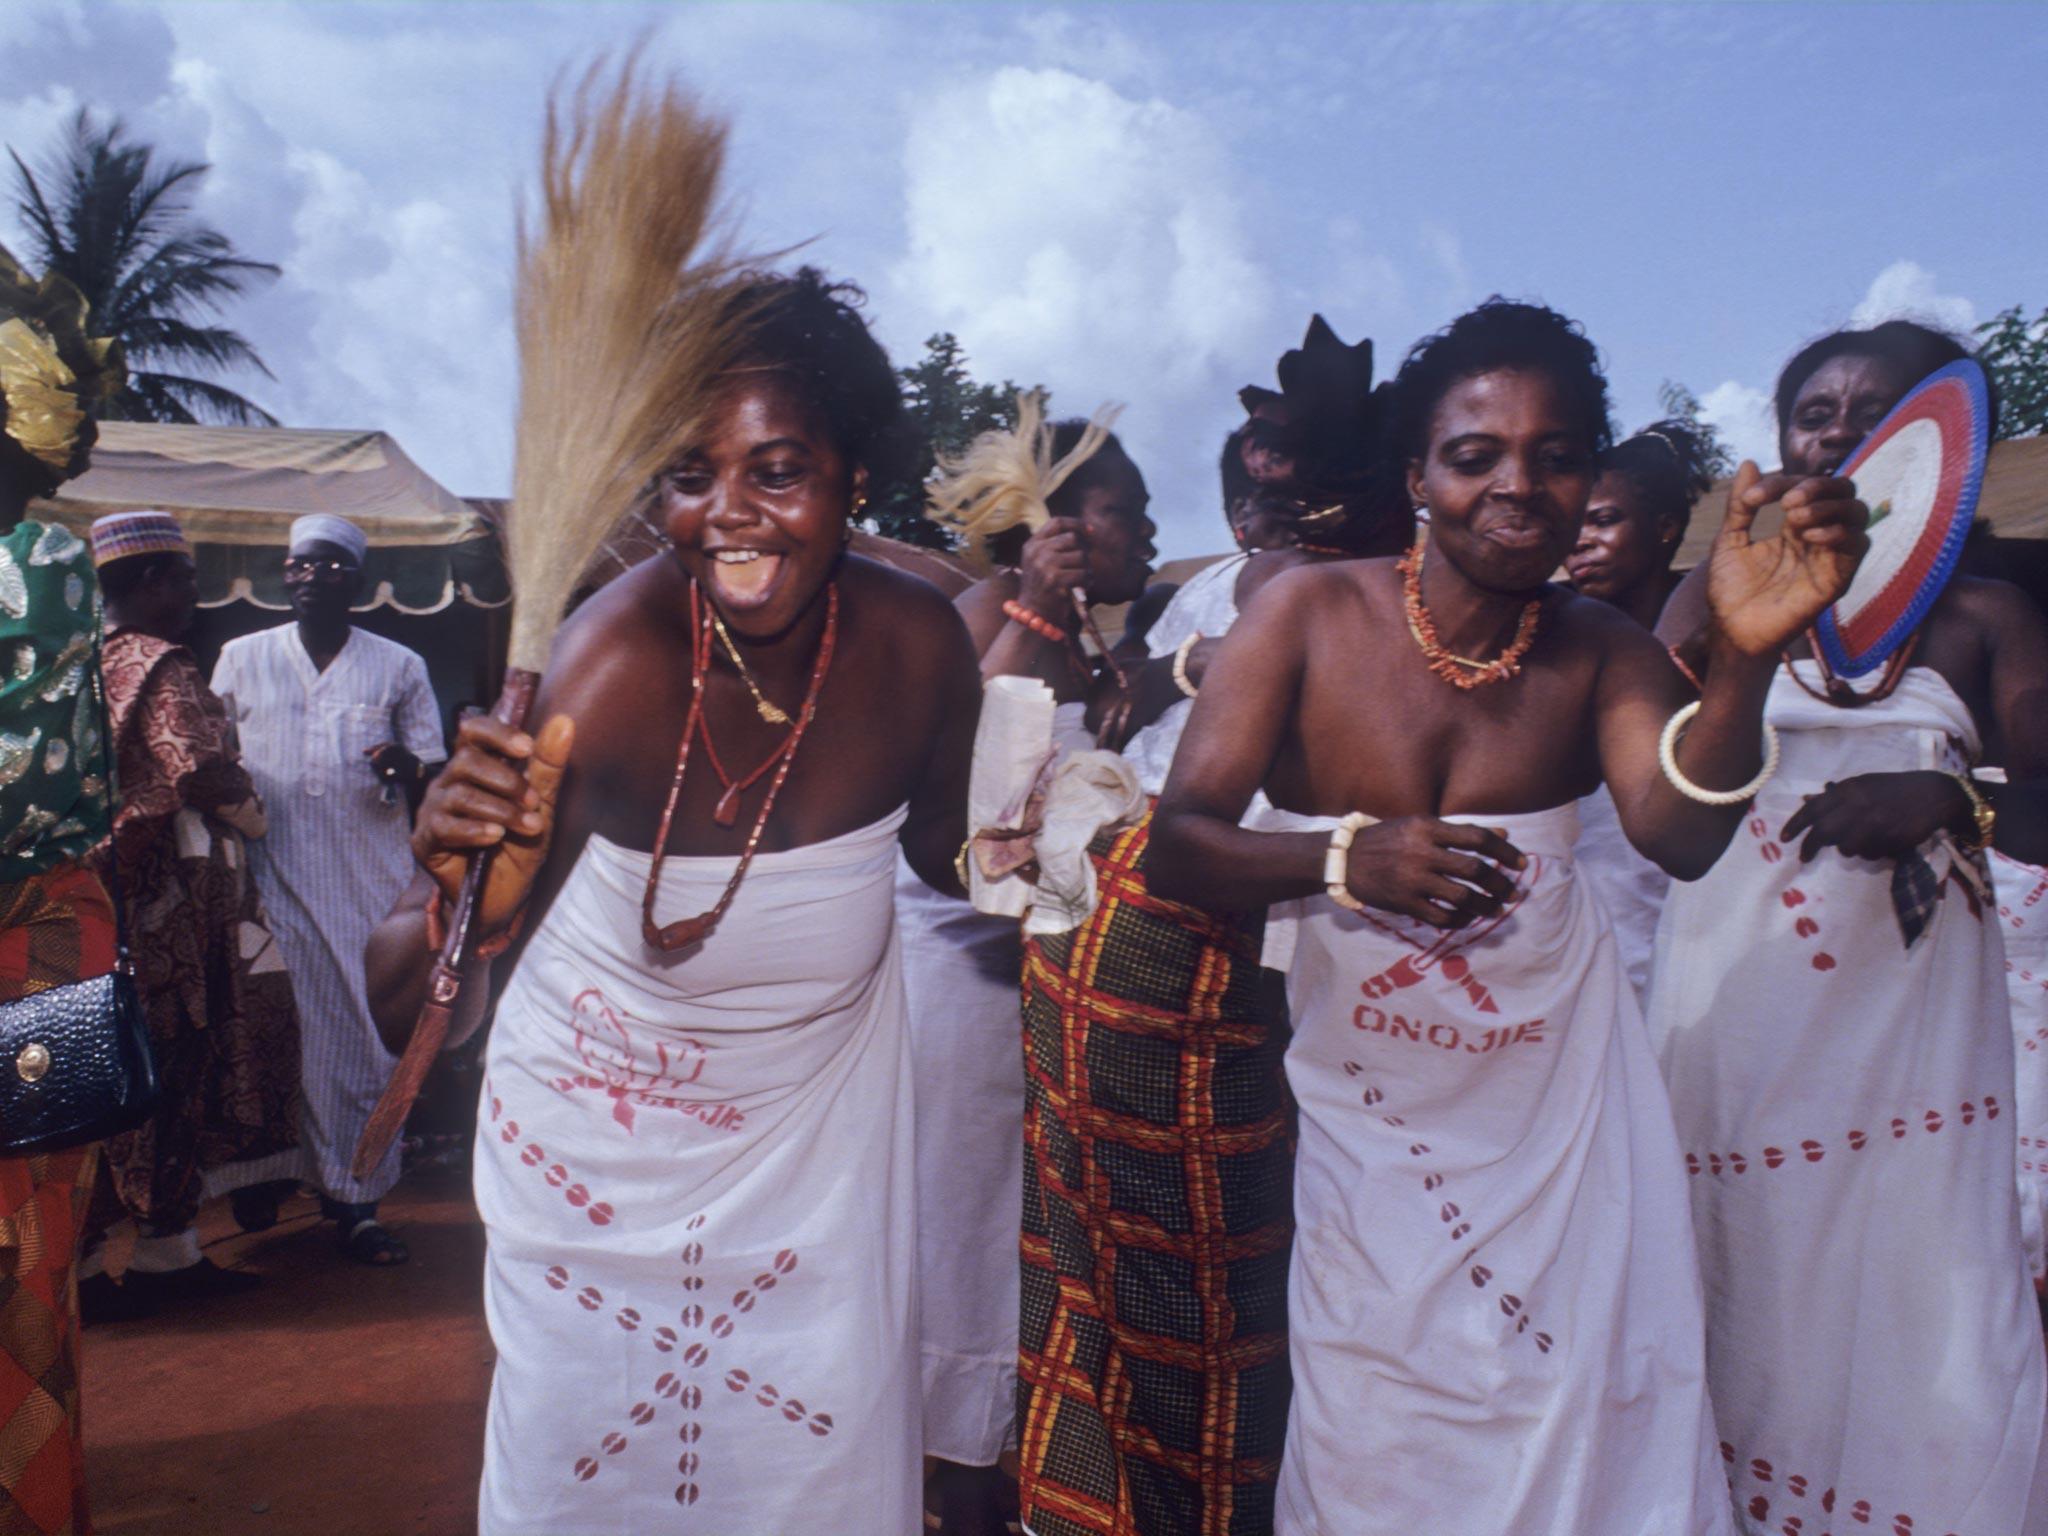 socker mamma online dating i Nigeria